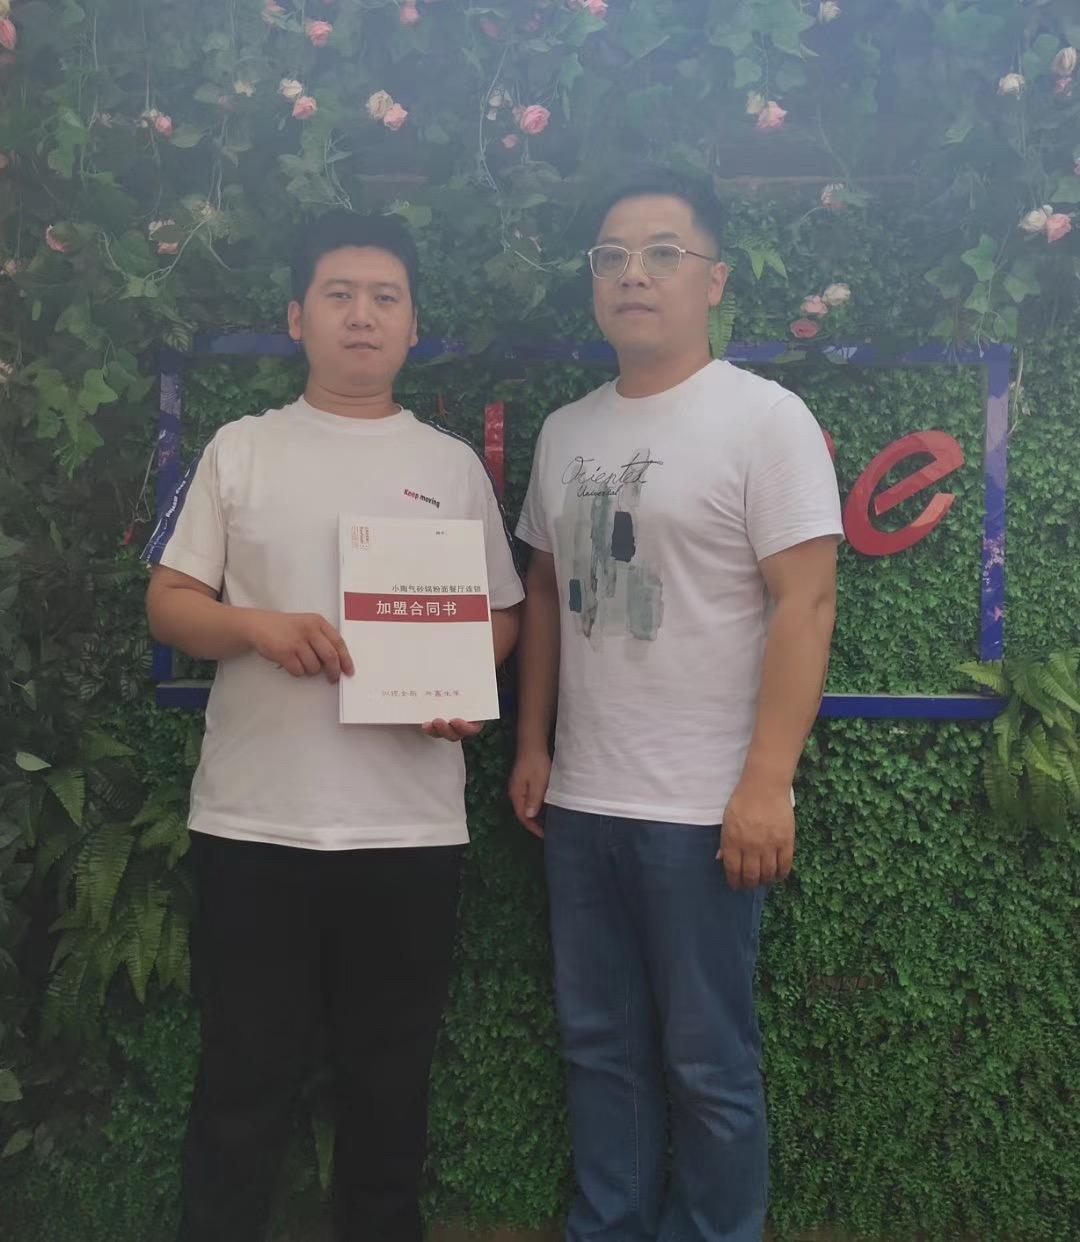 小陶气砂锅南阳市第九家加盟店成功签约!